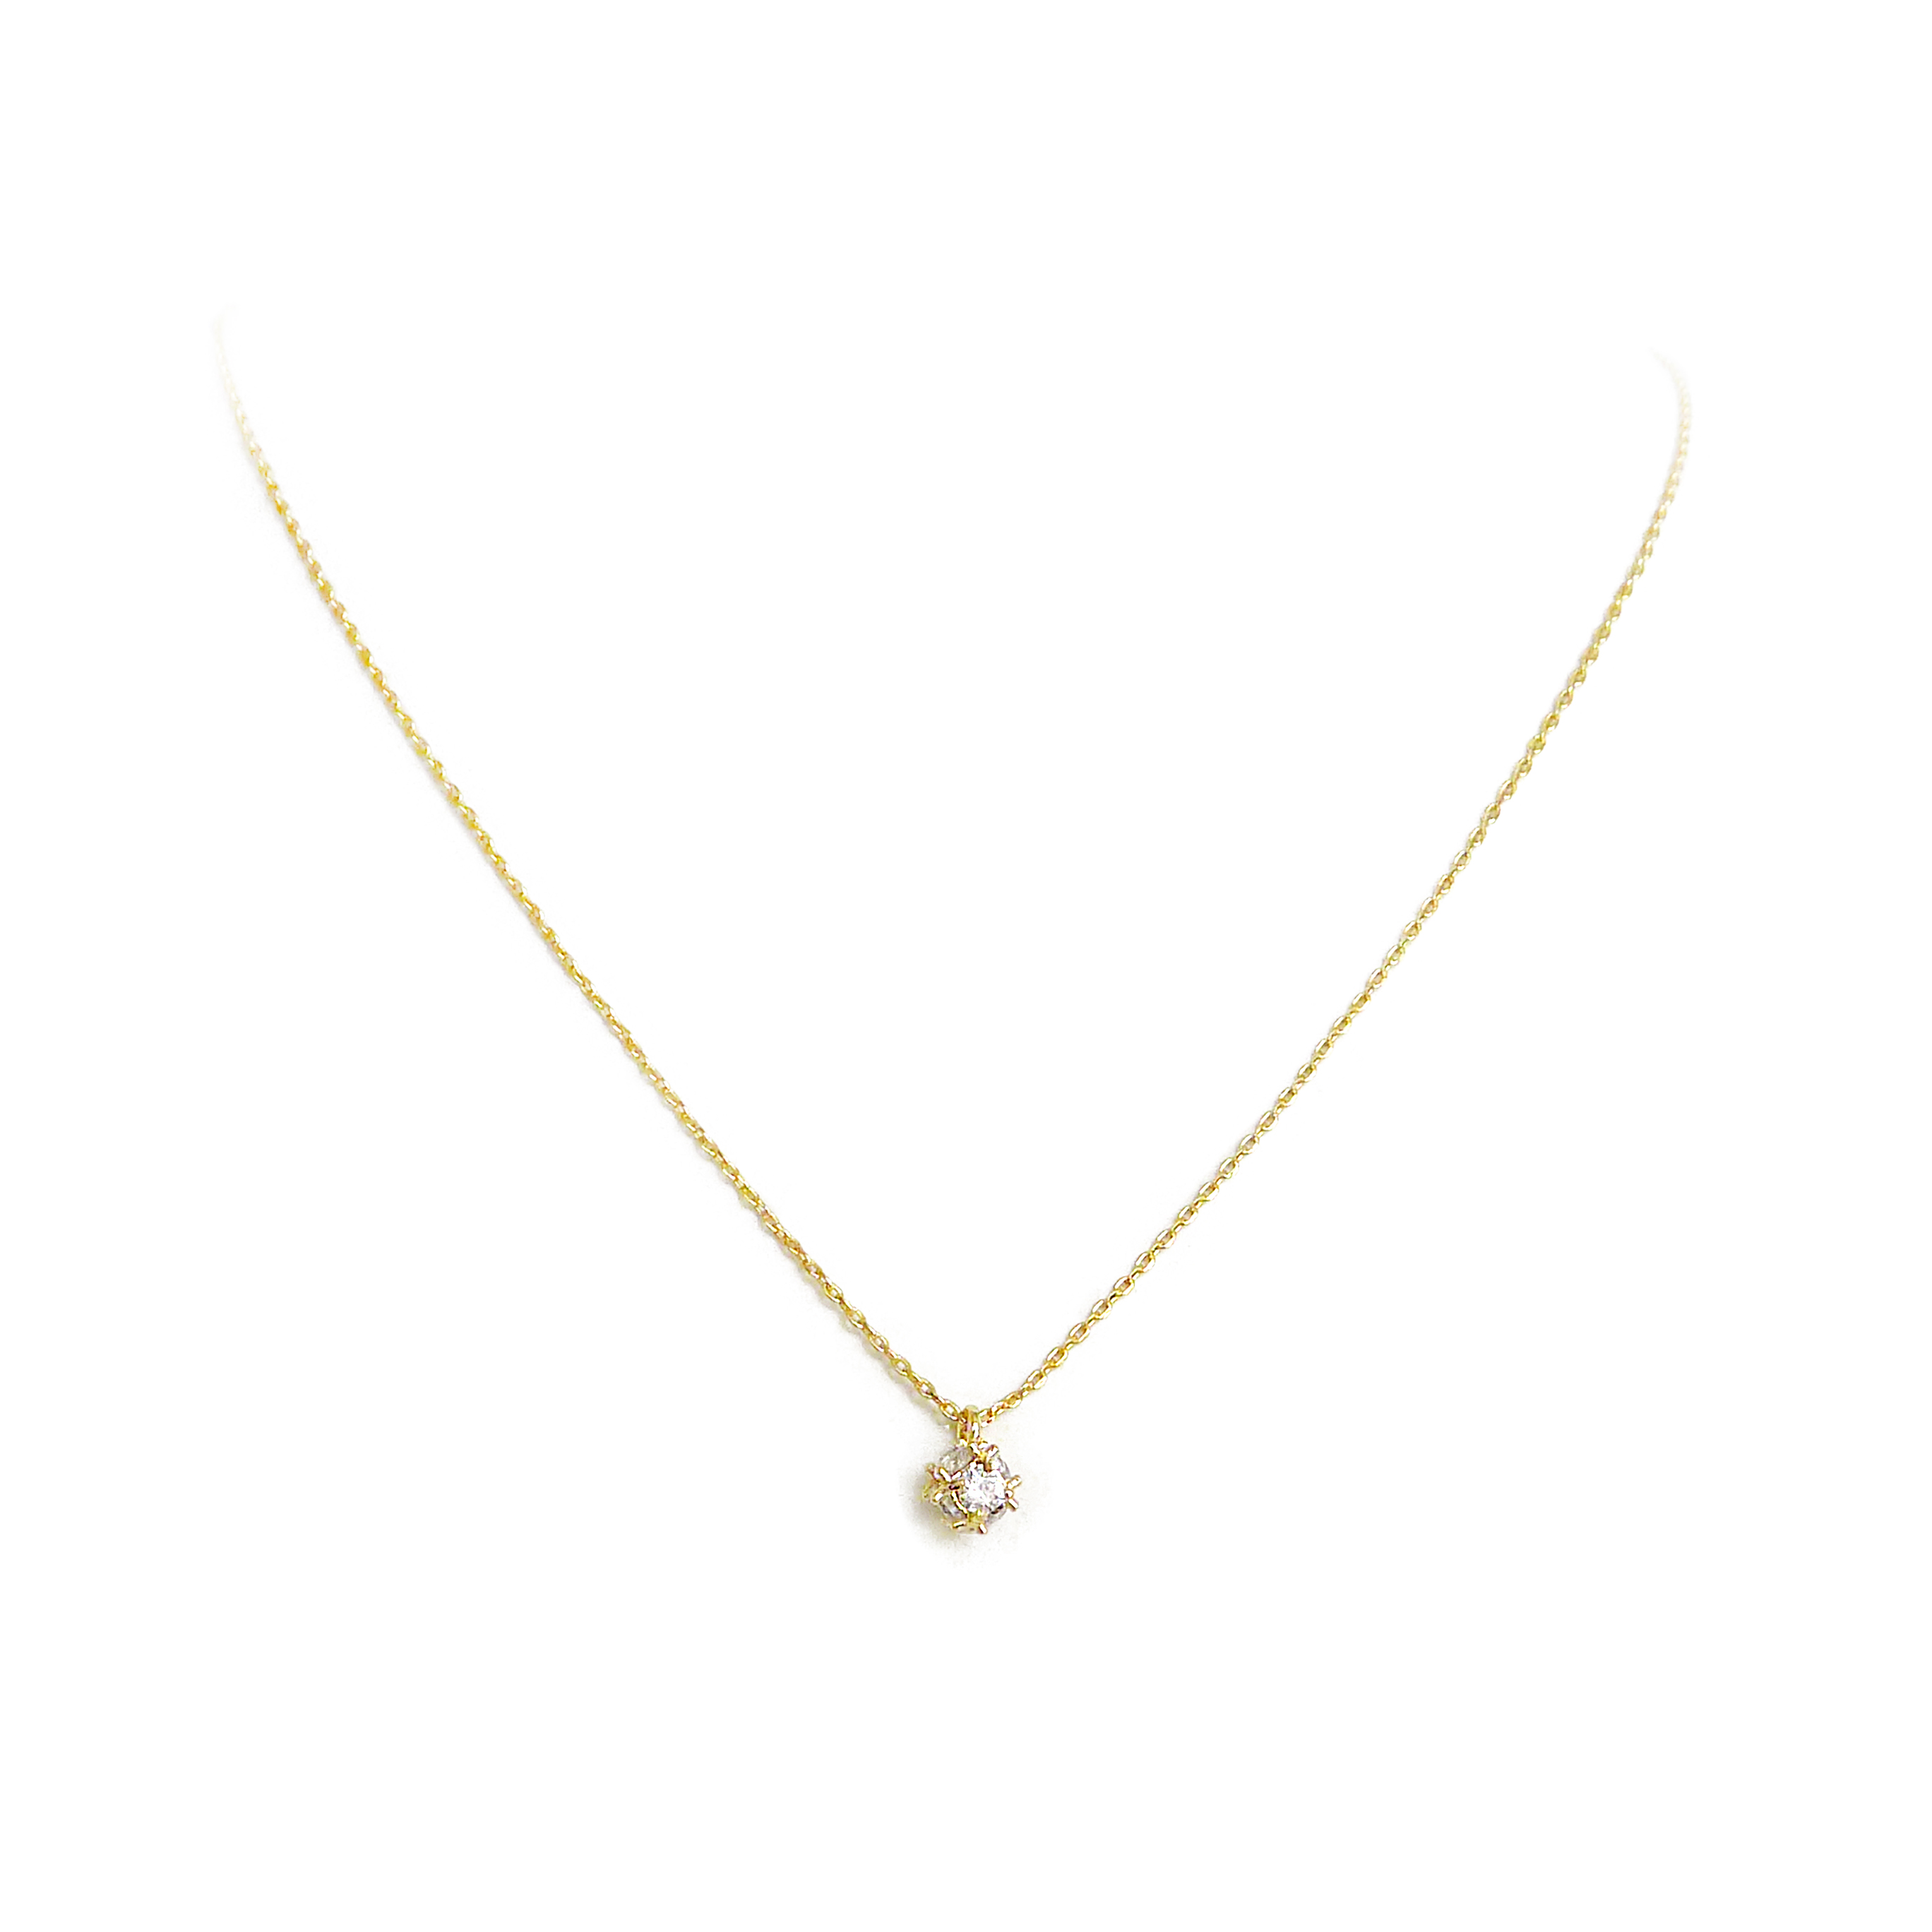 優雅鋯石款 – 八面形 – 項鍊